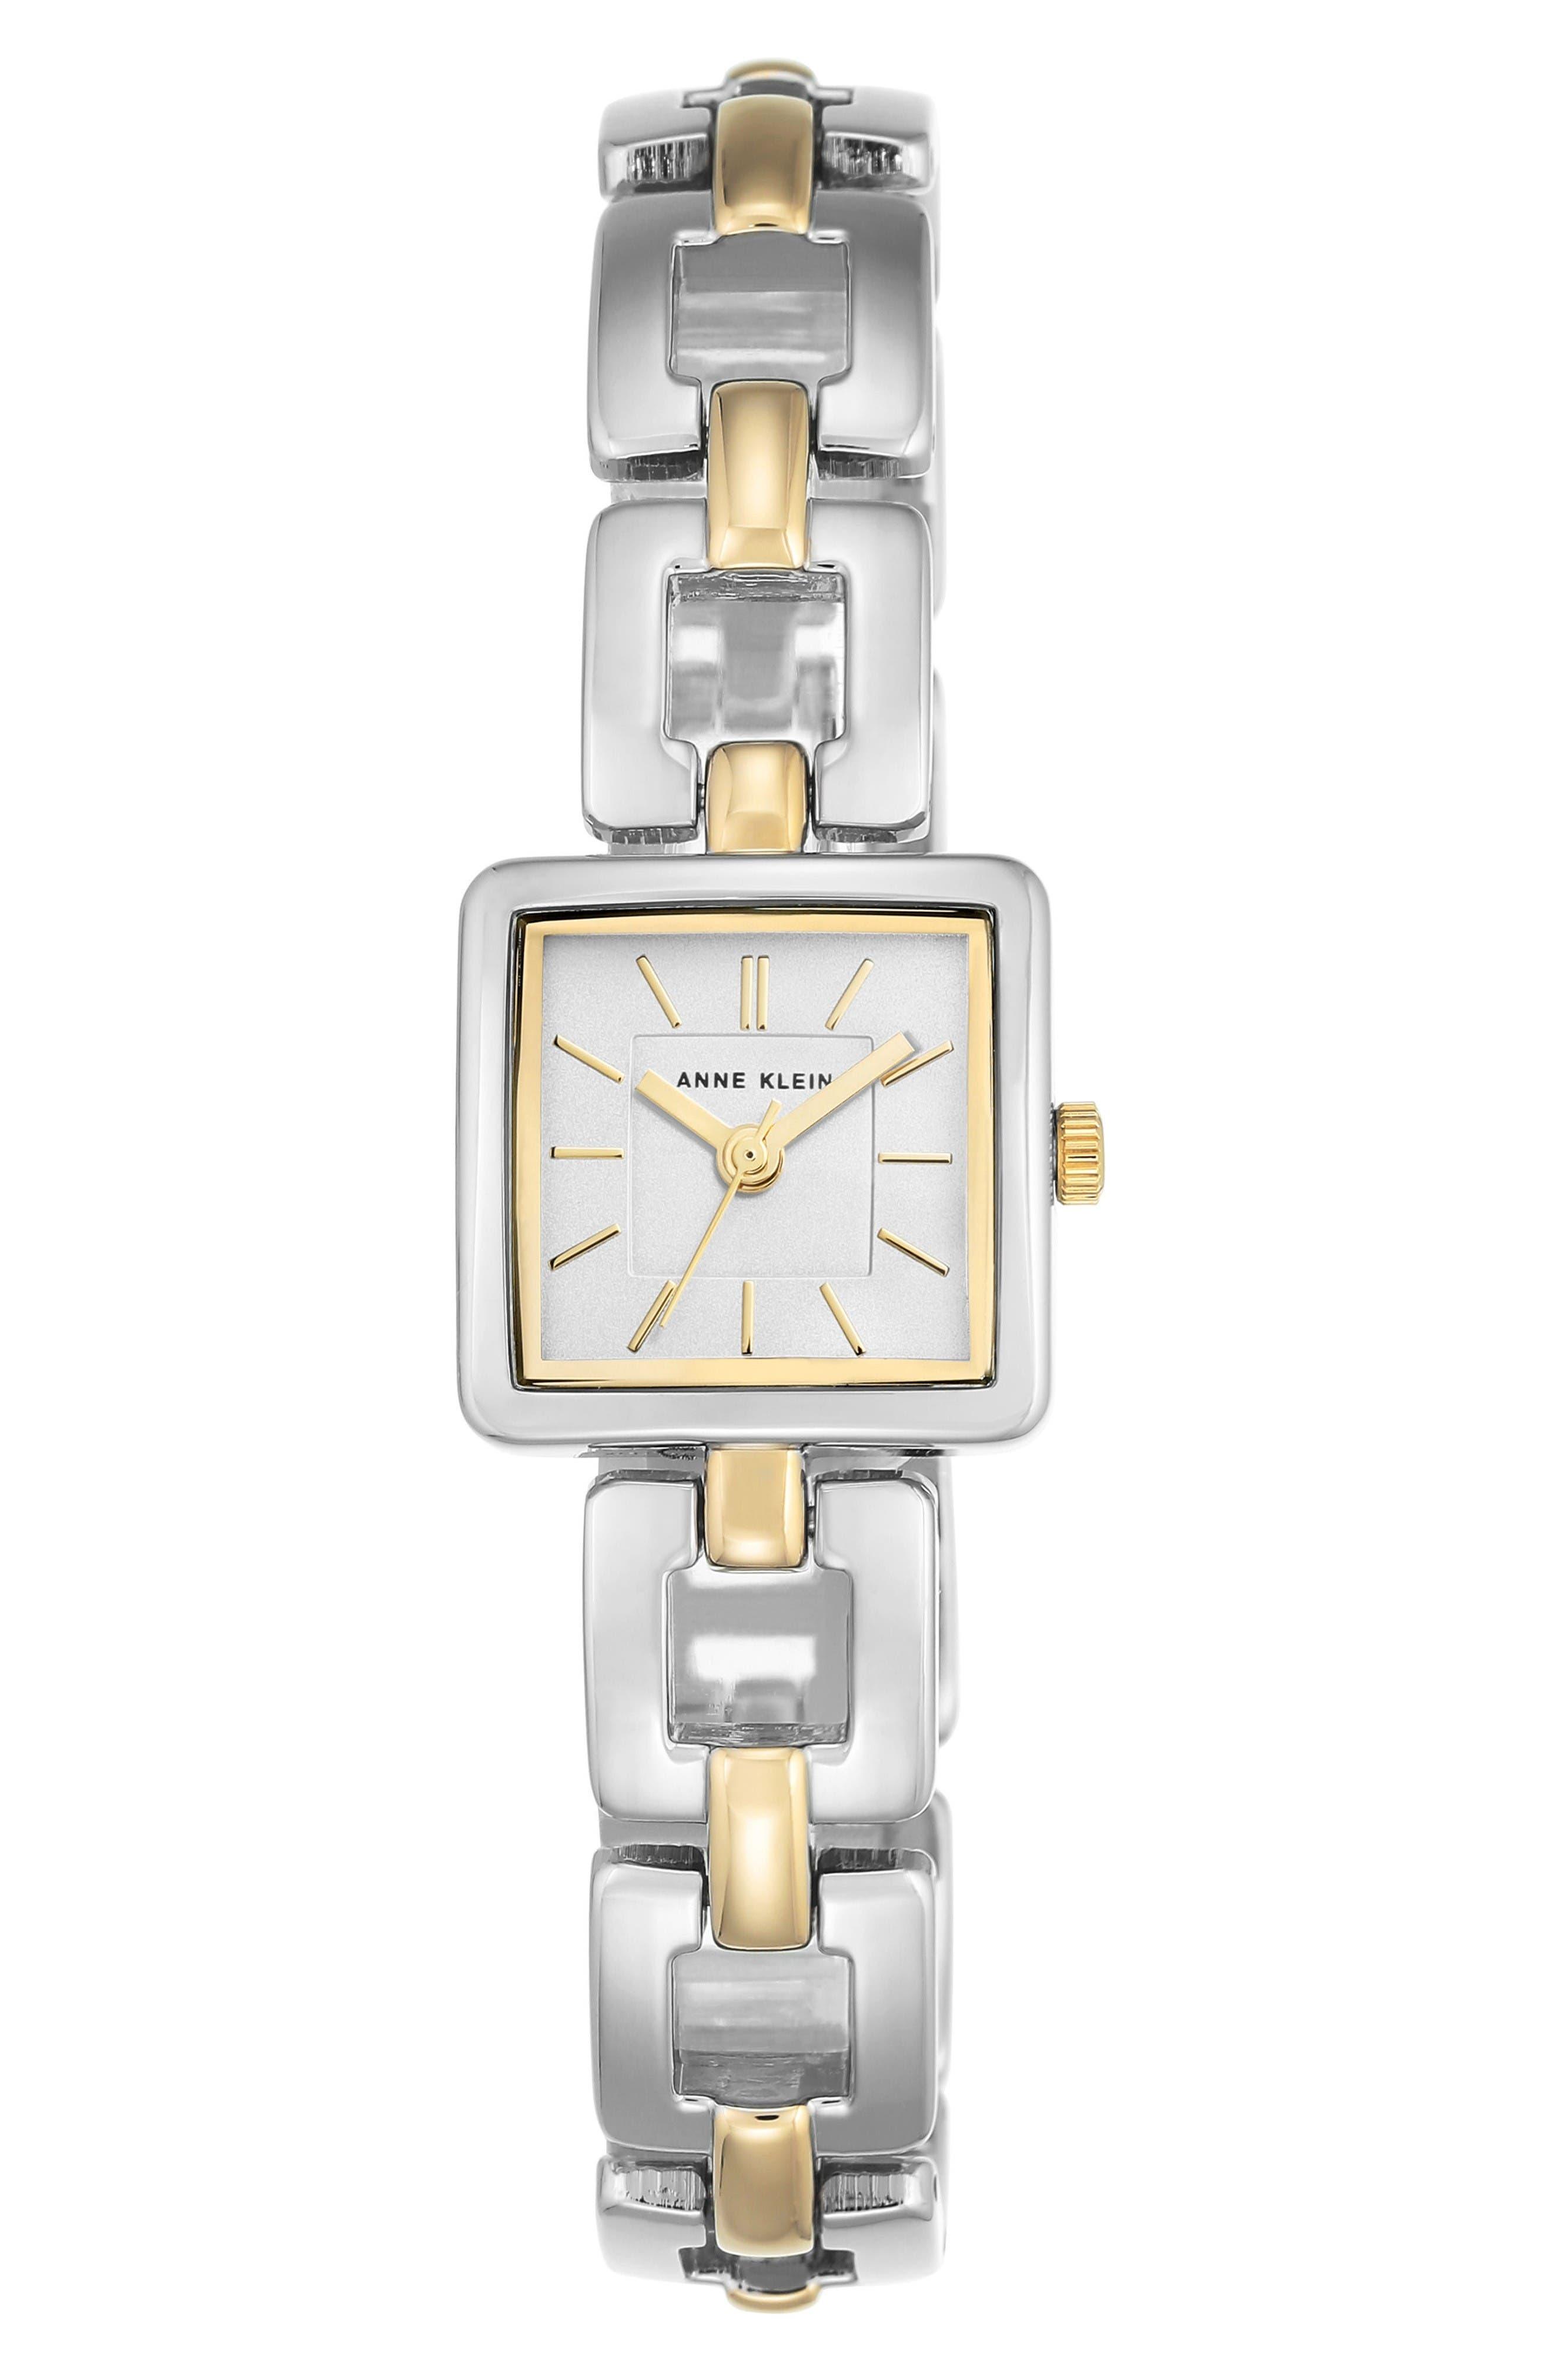 ANNE KLEIN Square Bracelet Watch, 20mm